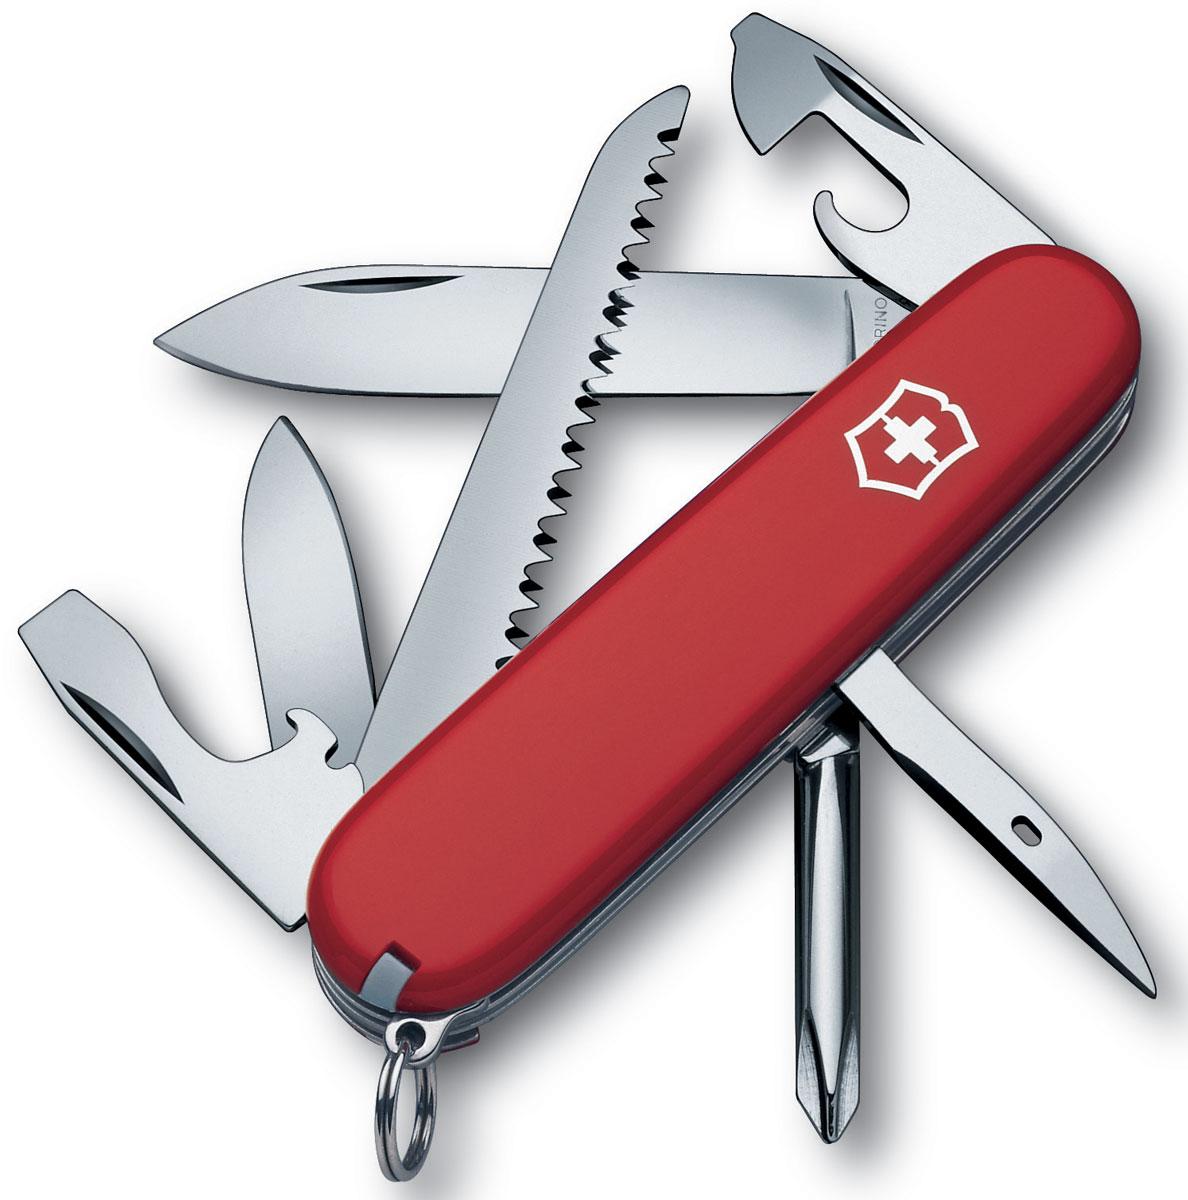 Нож перочинный Victorinox Hiker, цвет: красный, 13 функций, 9,1 см1.4613Лезвие перочинного складного ножа Victorinox Hinker изготовлено из высококачественной нержавеющей стали. Ручка, выполненная из прочного пластика, обеспечивает надежный и удобный хват.Хорошее качество, надежный долговечный материал и эргономичная рукоятка - что может быть удобнее на природе или на пикнике!Функции ножа:Большое лезвие.Малое лезвие.Крестовая отвертка.Консервный нож с малой отверткой.Открывалка для бутылок с отверткой.Инструмент для снятия изоляции.Шило, кернер.Кольцо для ключей.Пинцет.Зубочистка.Пила по дереву.Длина ножа в сложенном виде: 9,1 см.Длина ножа в разложенном виде: 16 см.Длина большого лезвия: 7 см.Длина малого лезвия: 4 см.